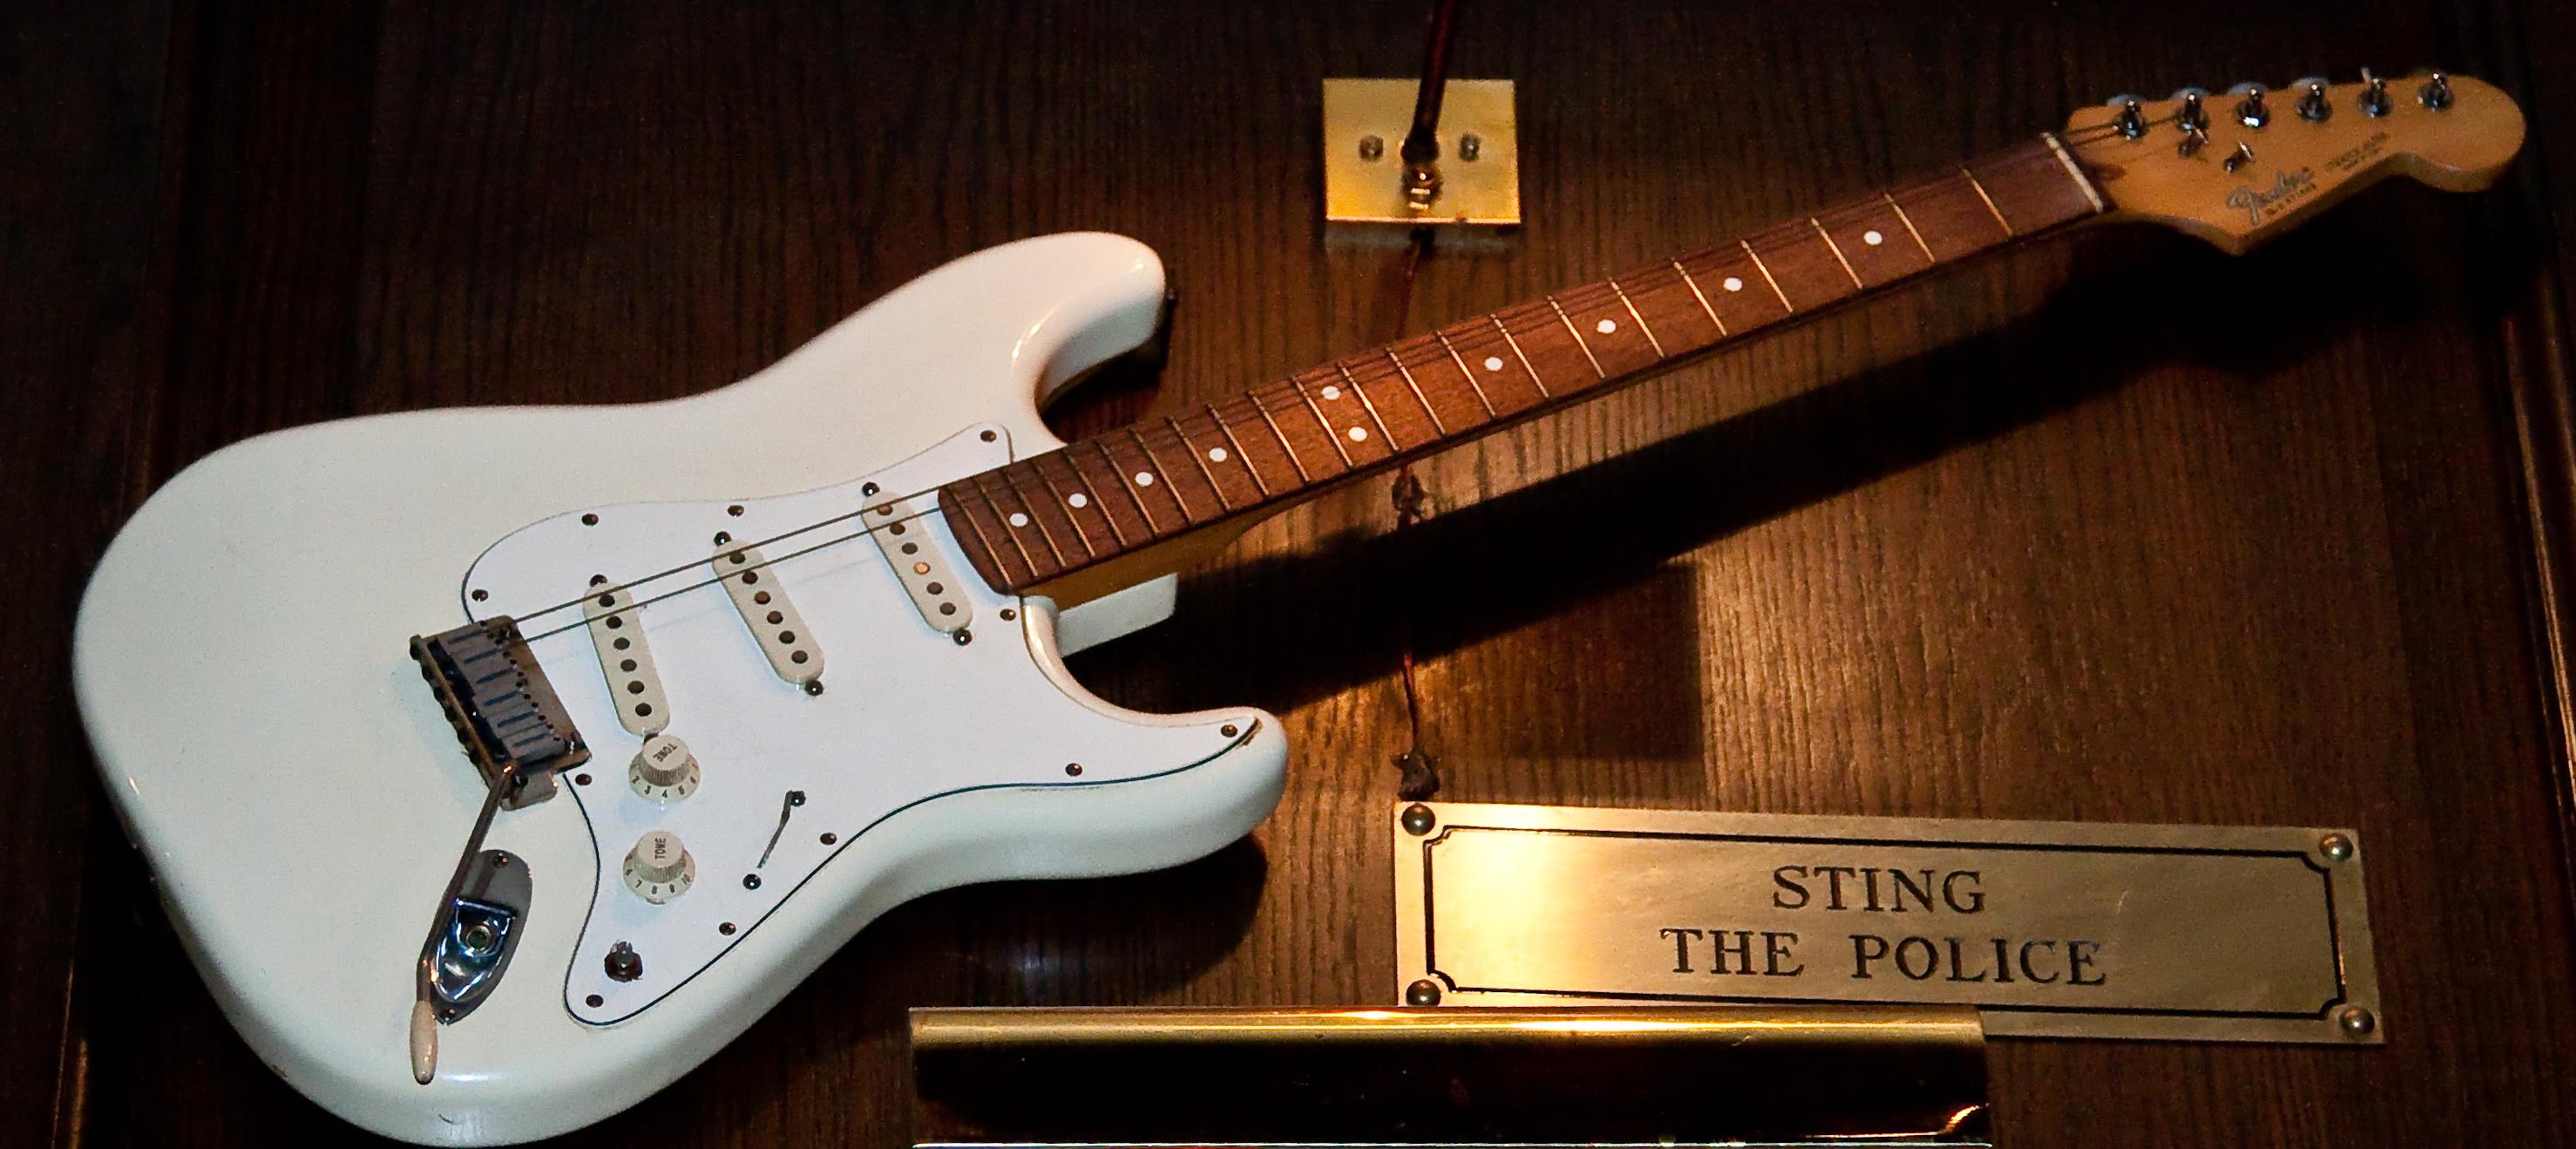 fender stratocaster guitar wallpaper